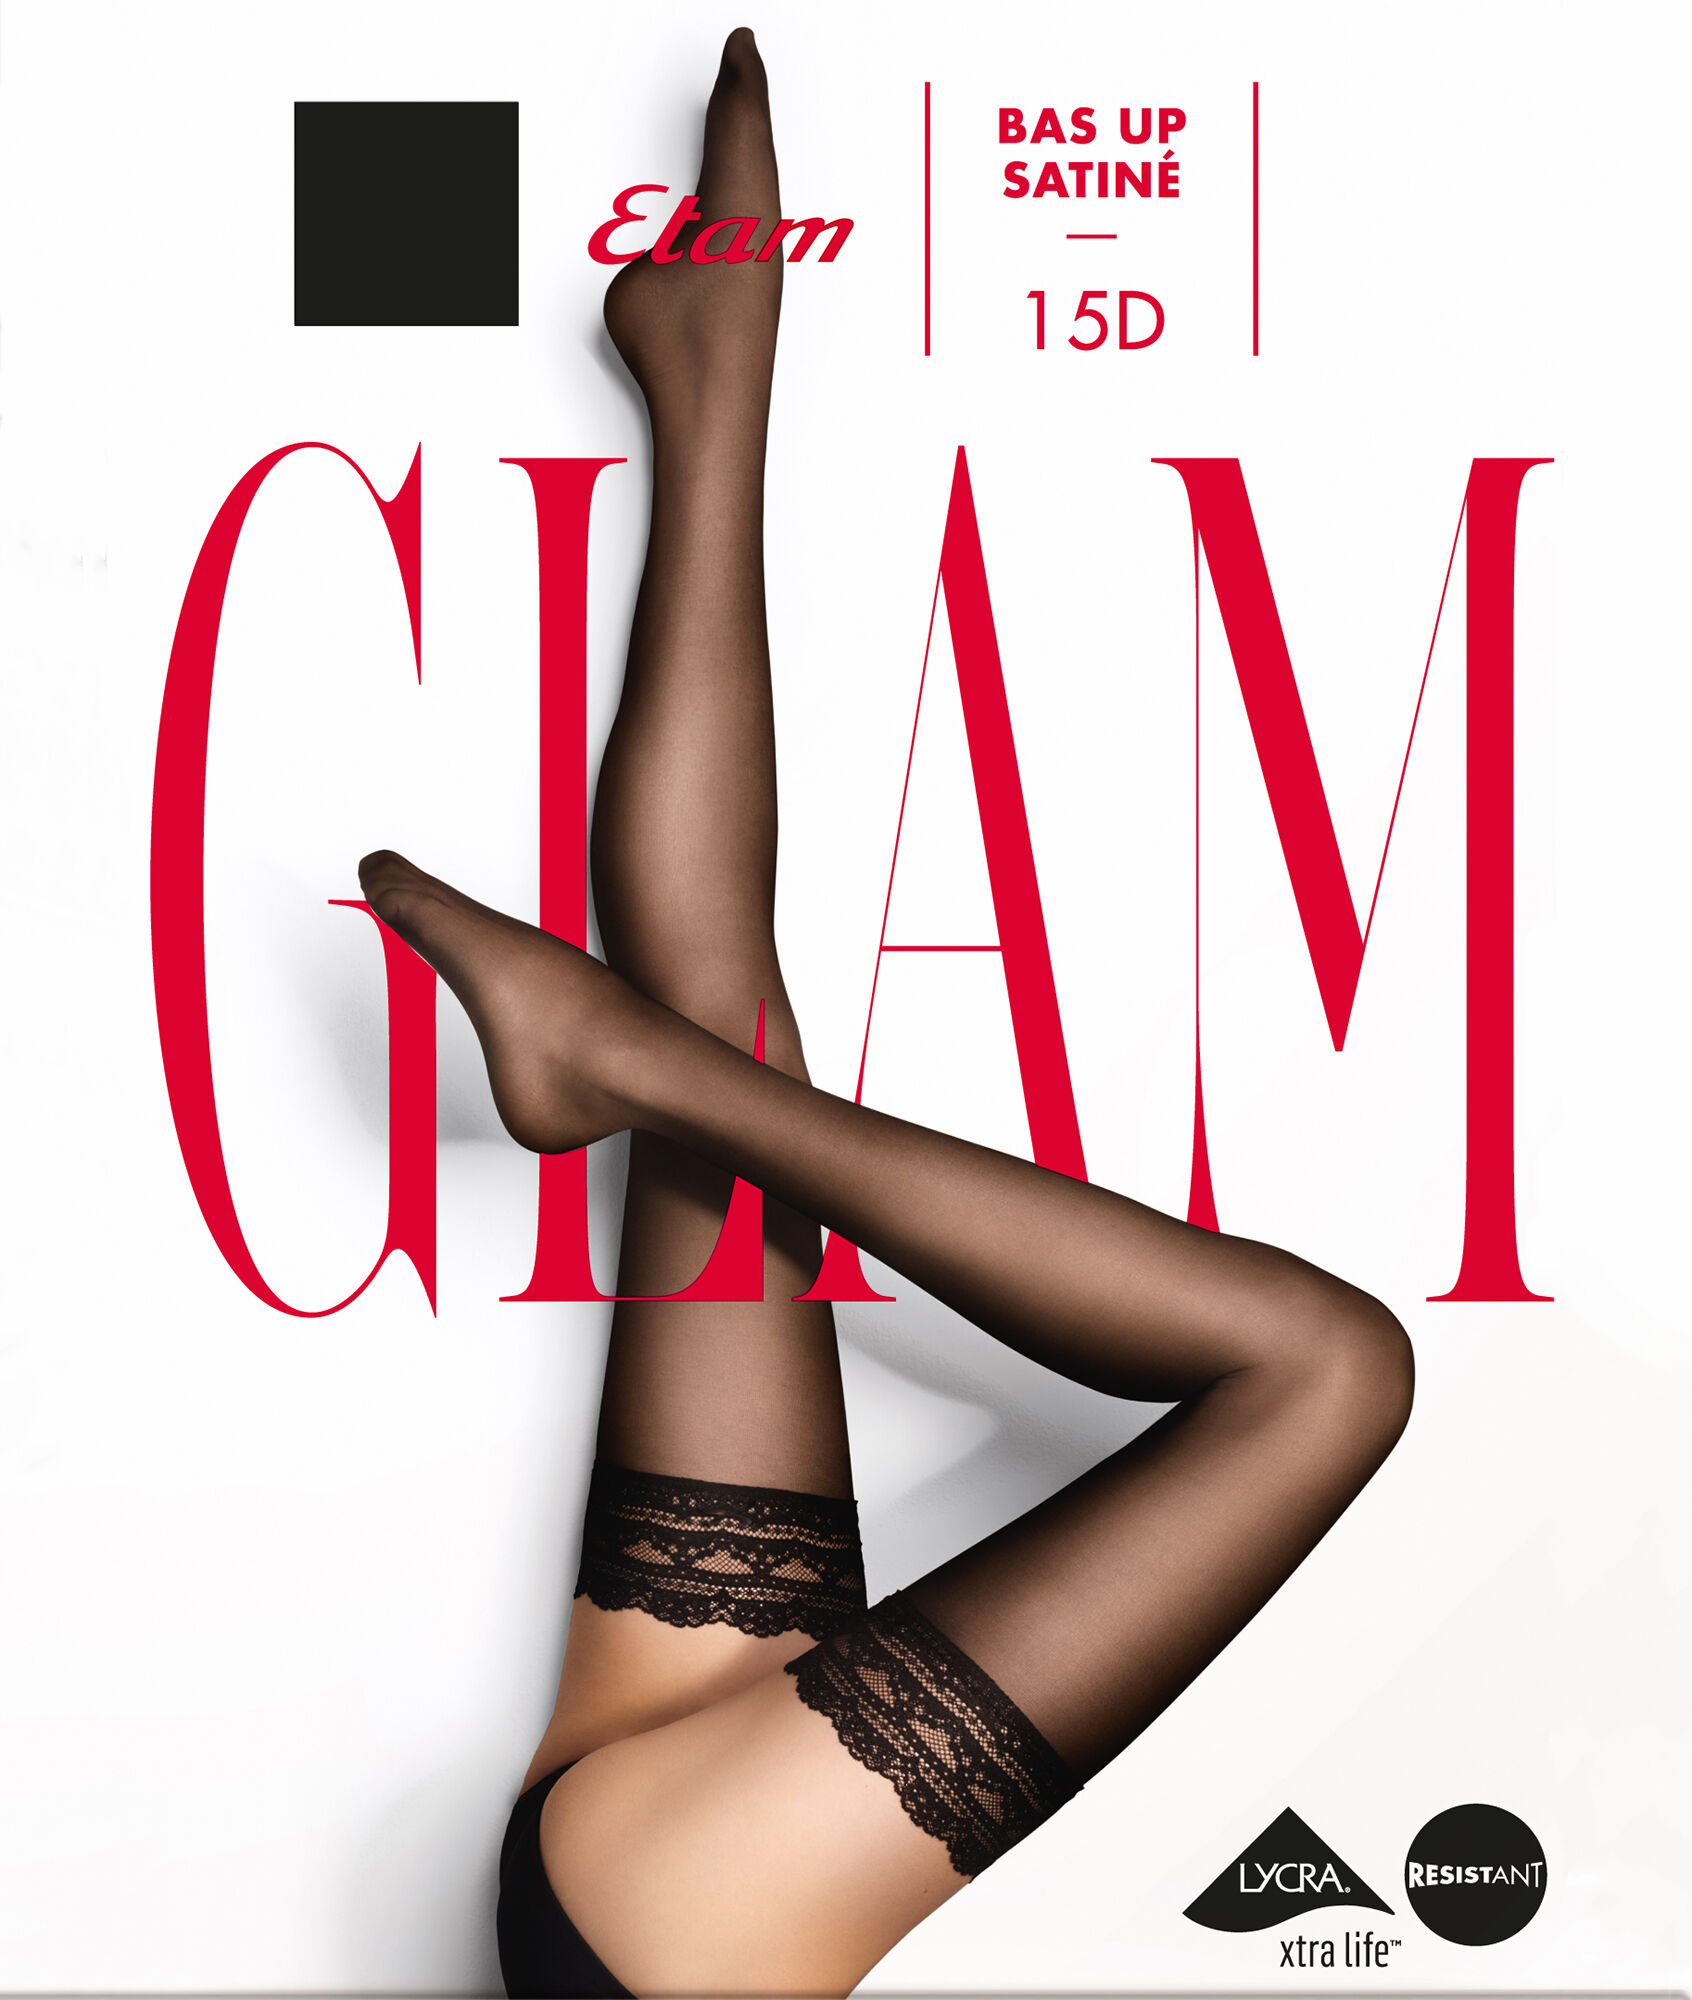 241251e6d26 Stockings - SATINE BAS UP - BLACK - Etam